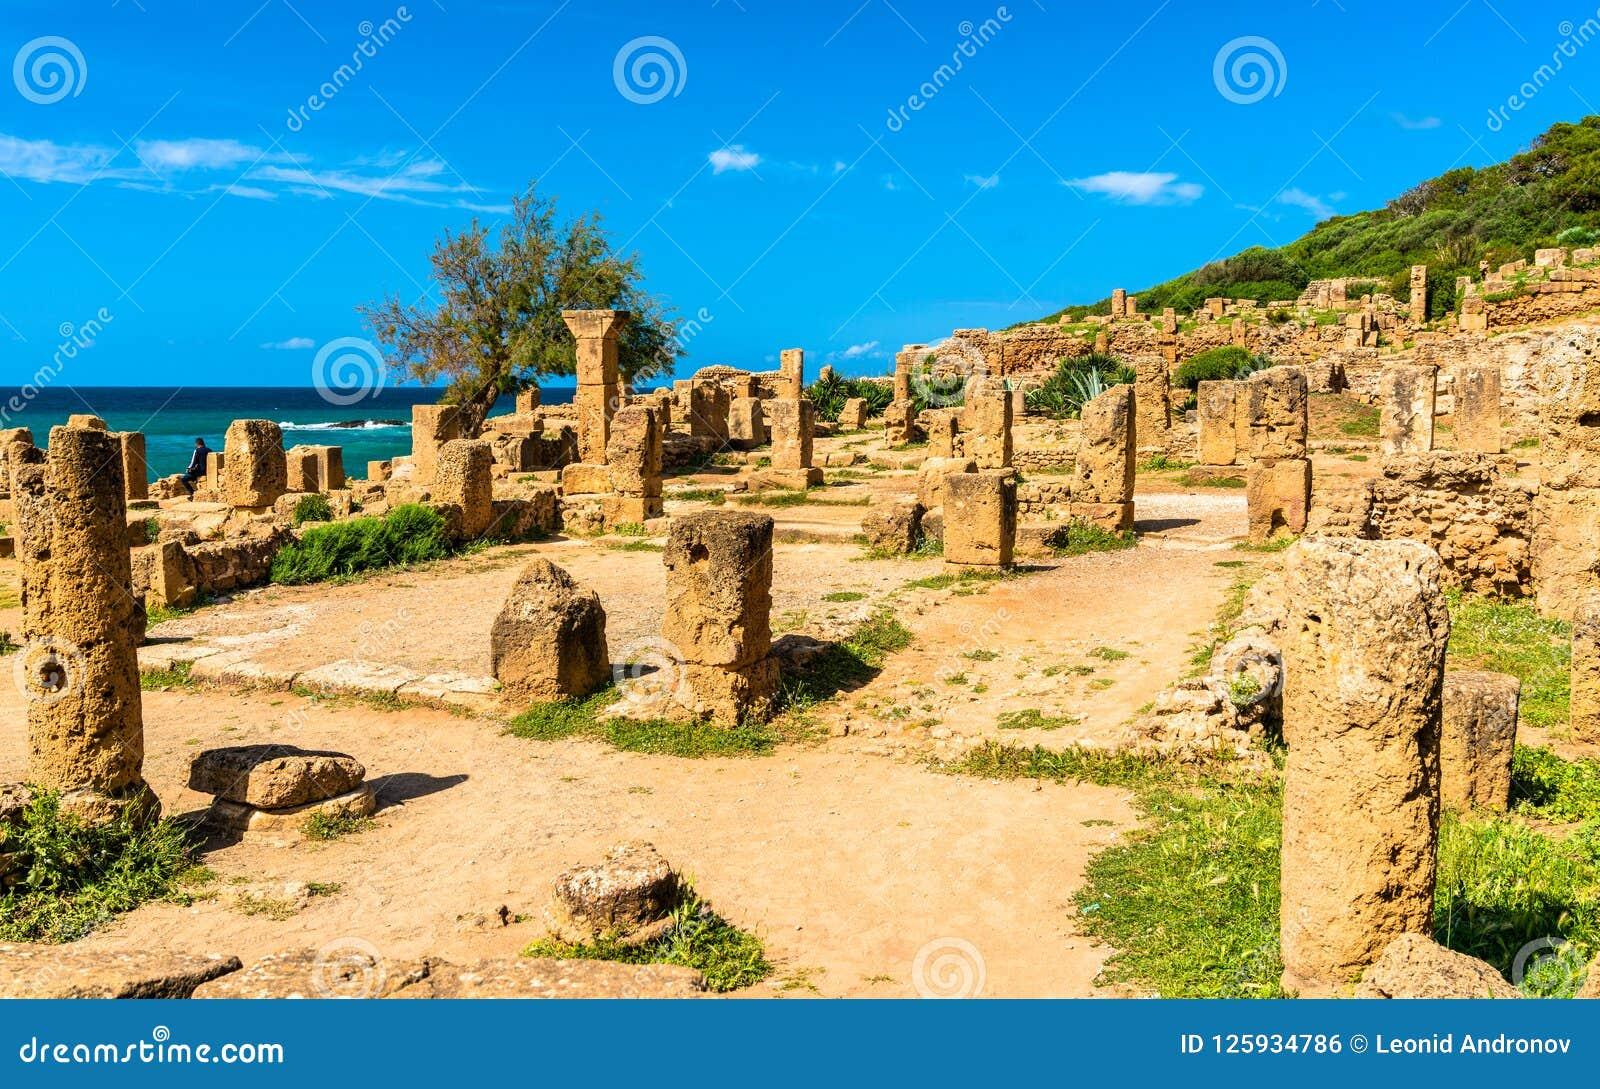 Fördärvar av Tipasa, en romersk colonia i Algeriet, Nordafrika